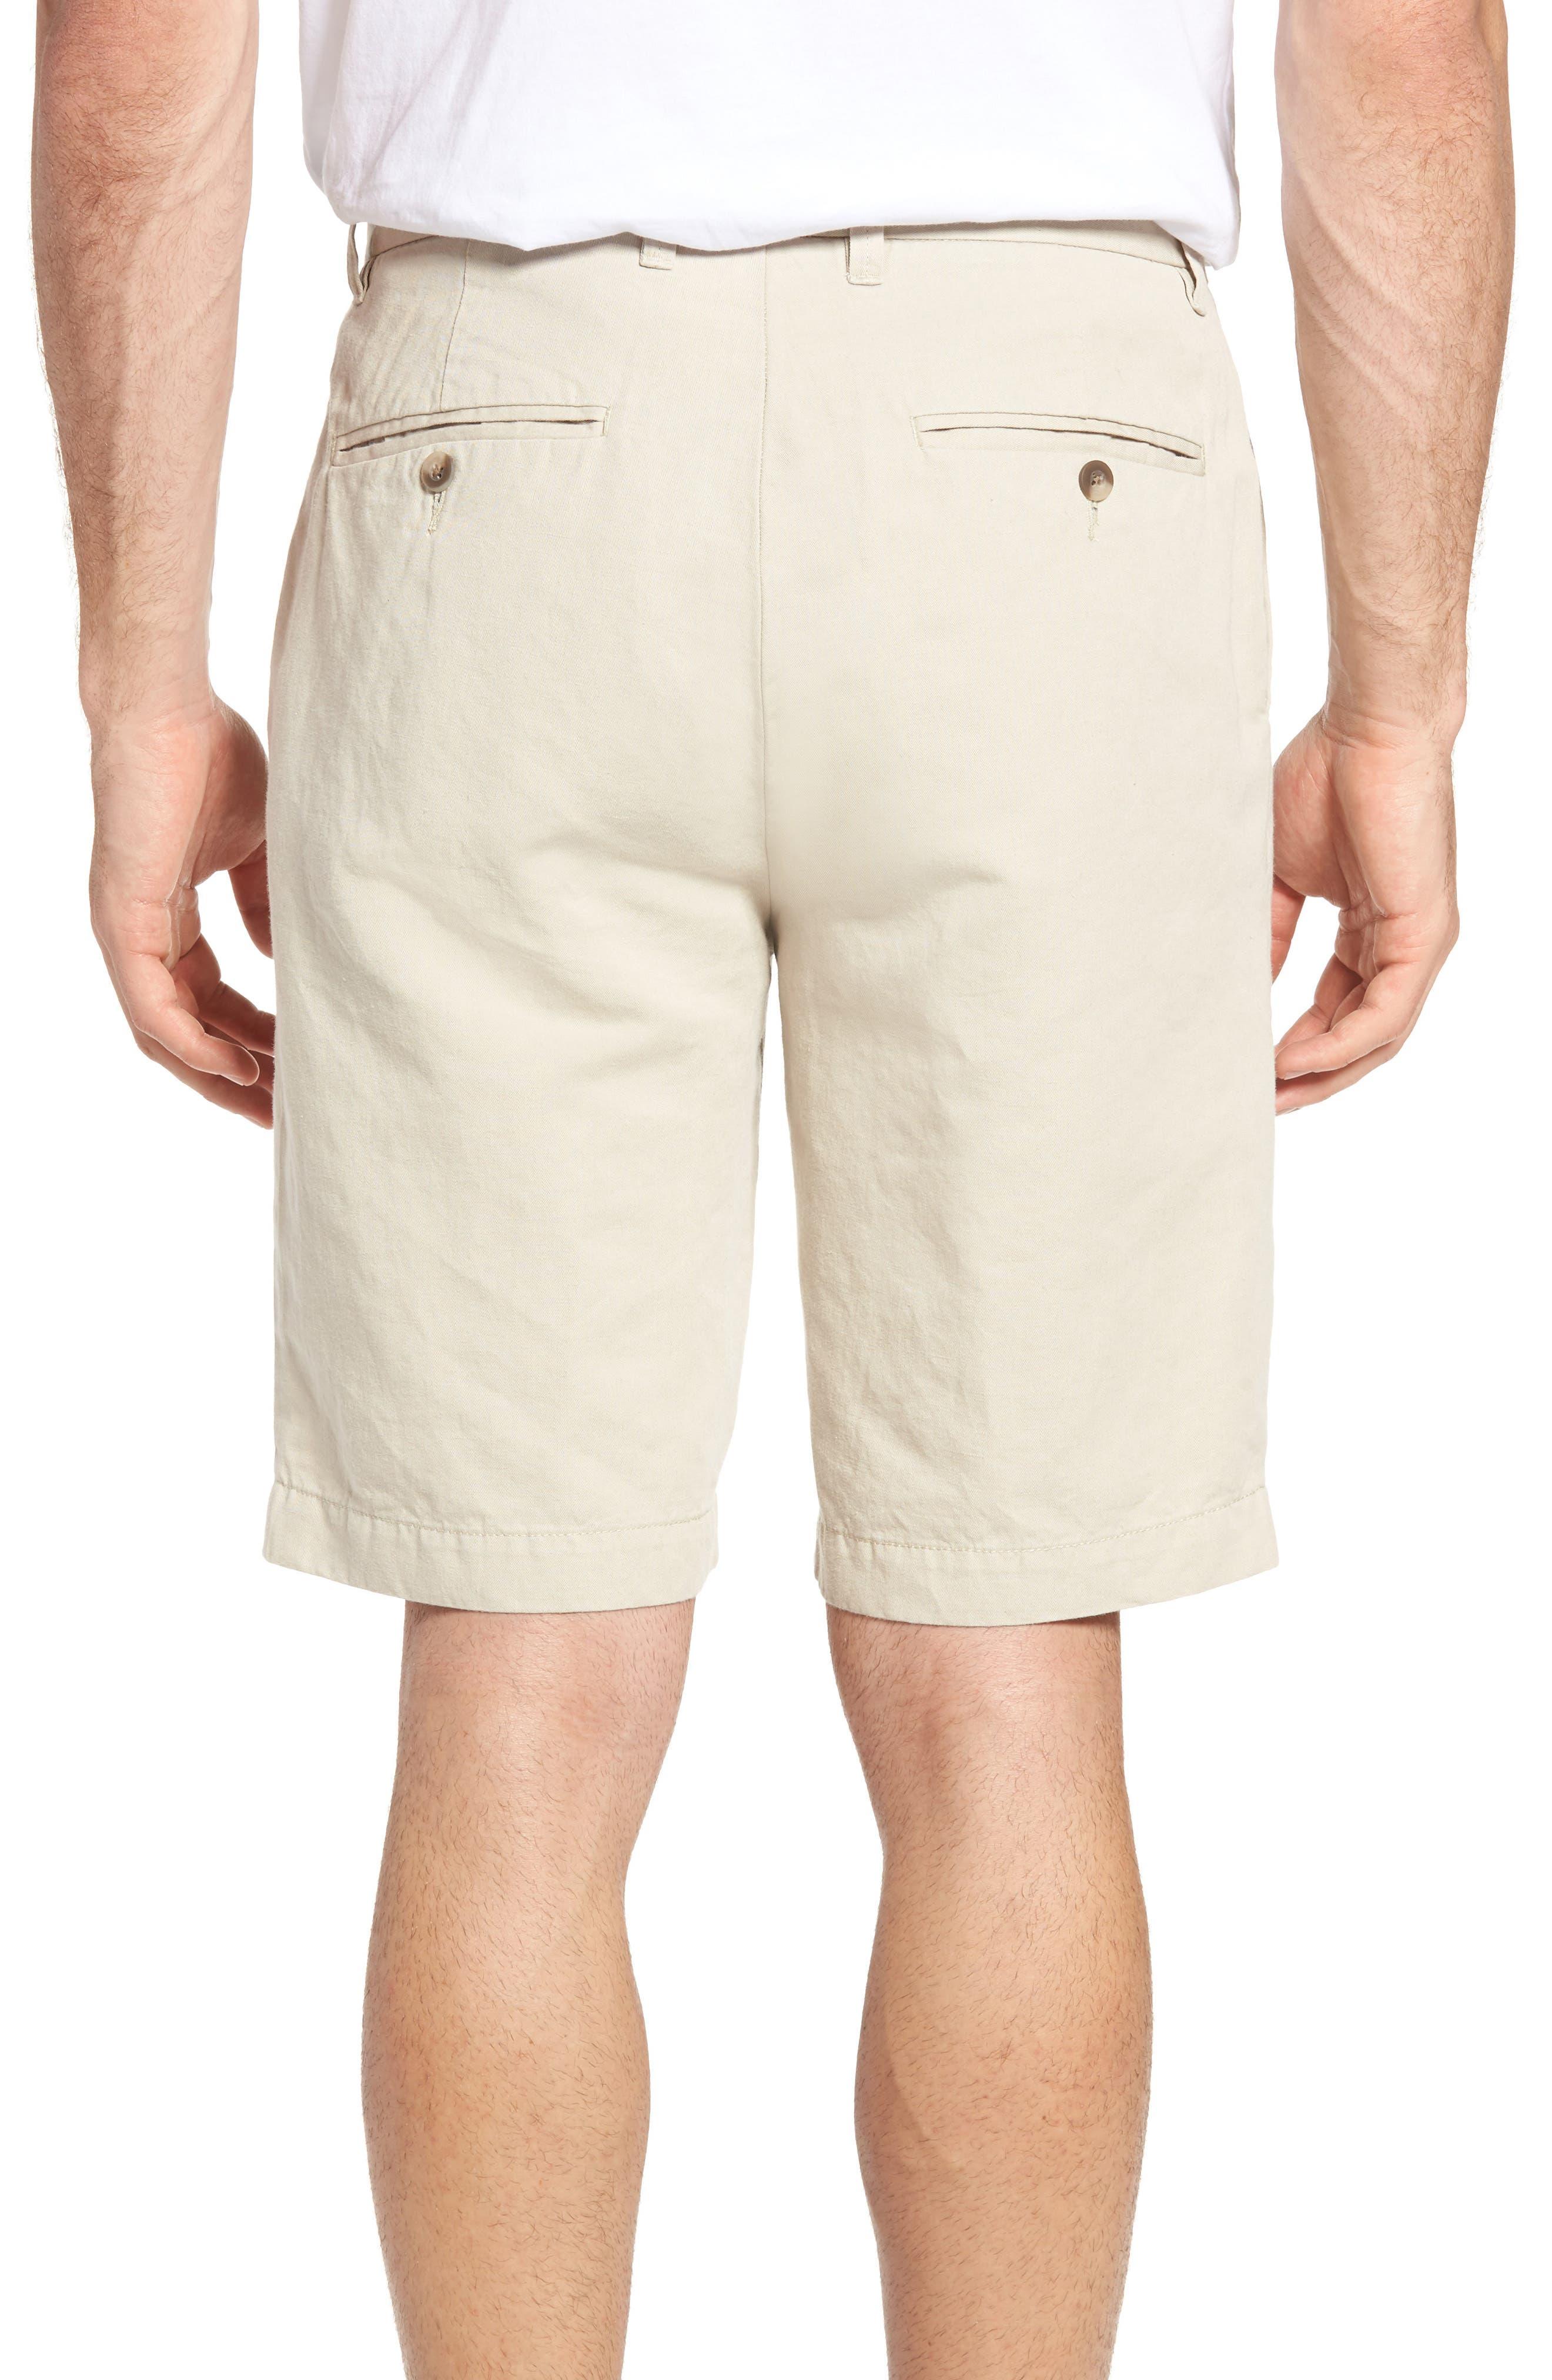 Rolleston Shorts,                             Alternate thumbnail 2, color,                             253